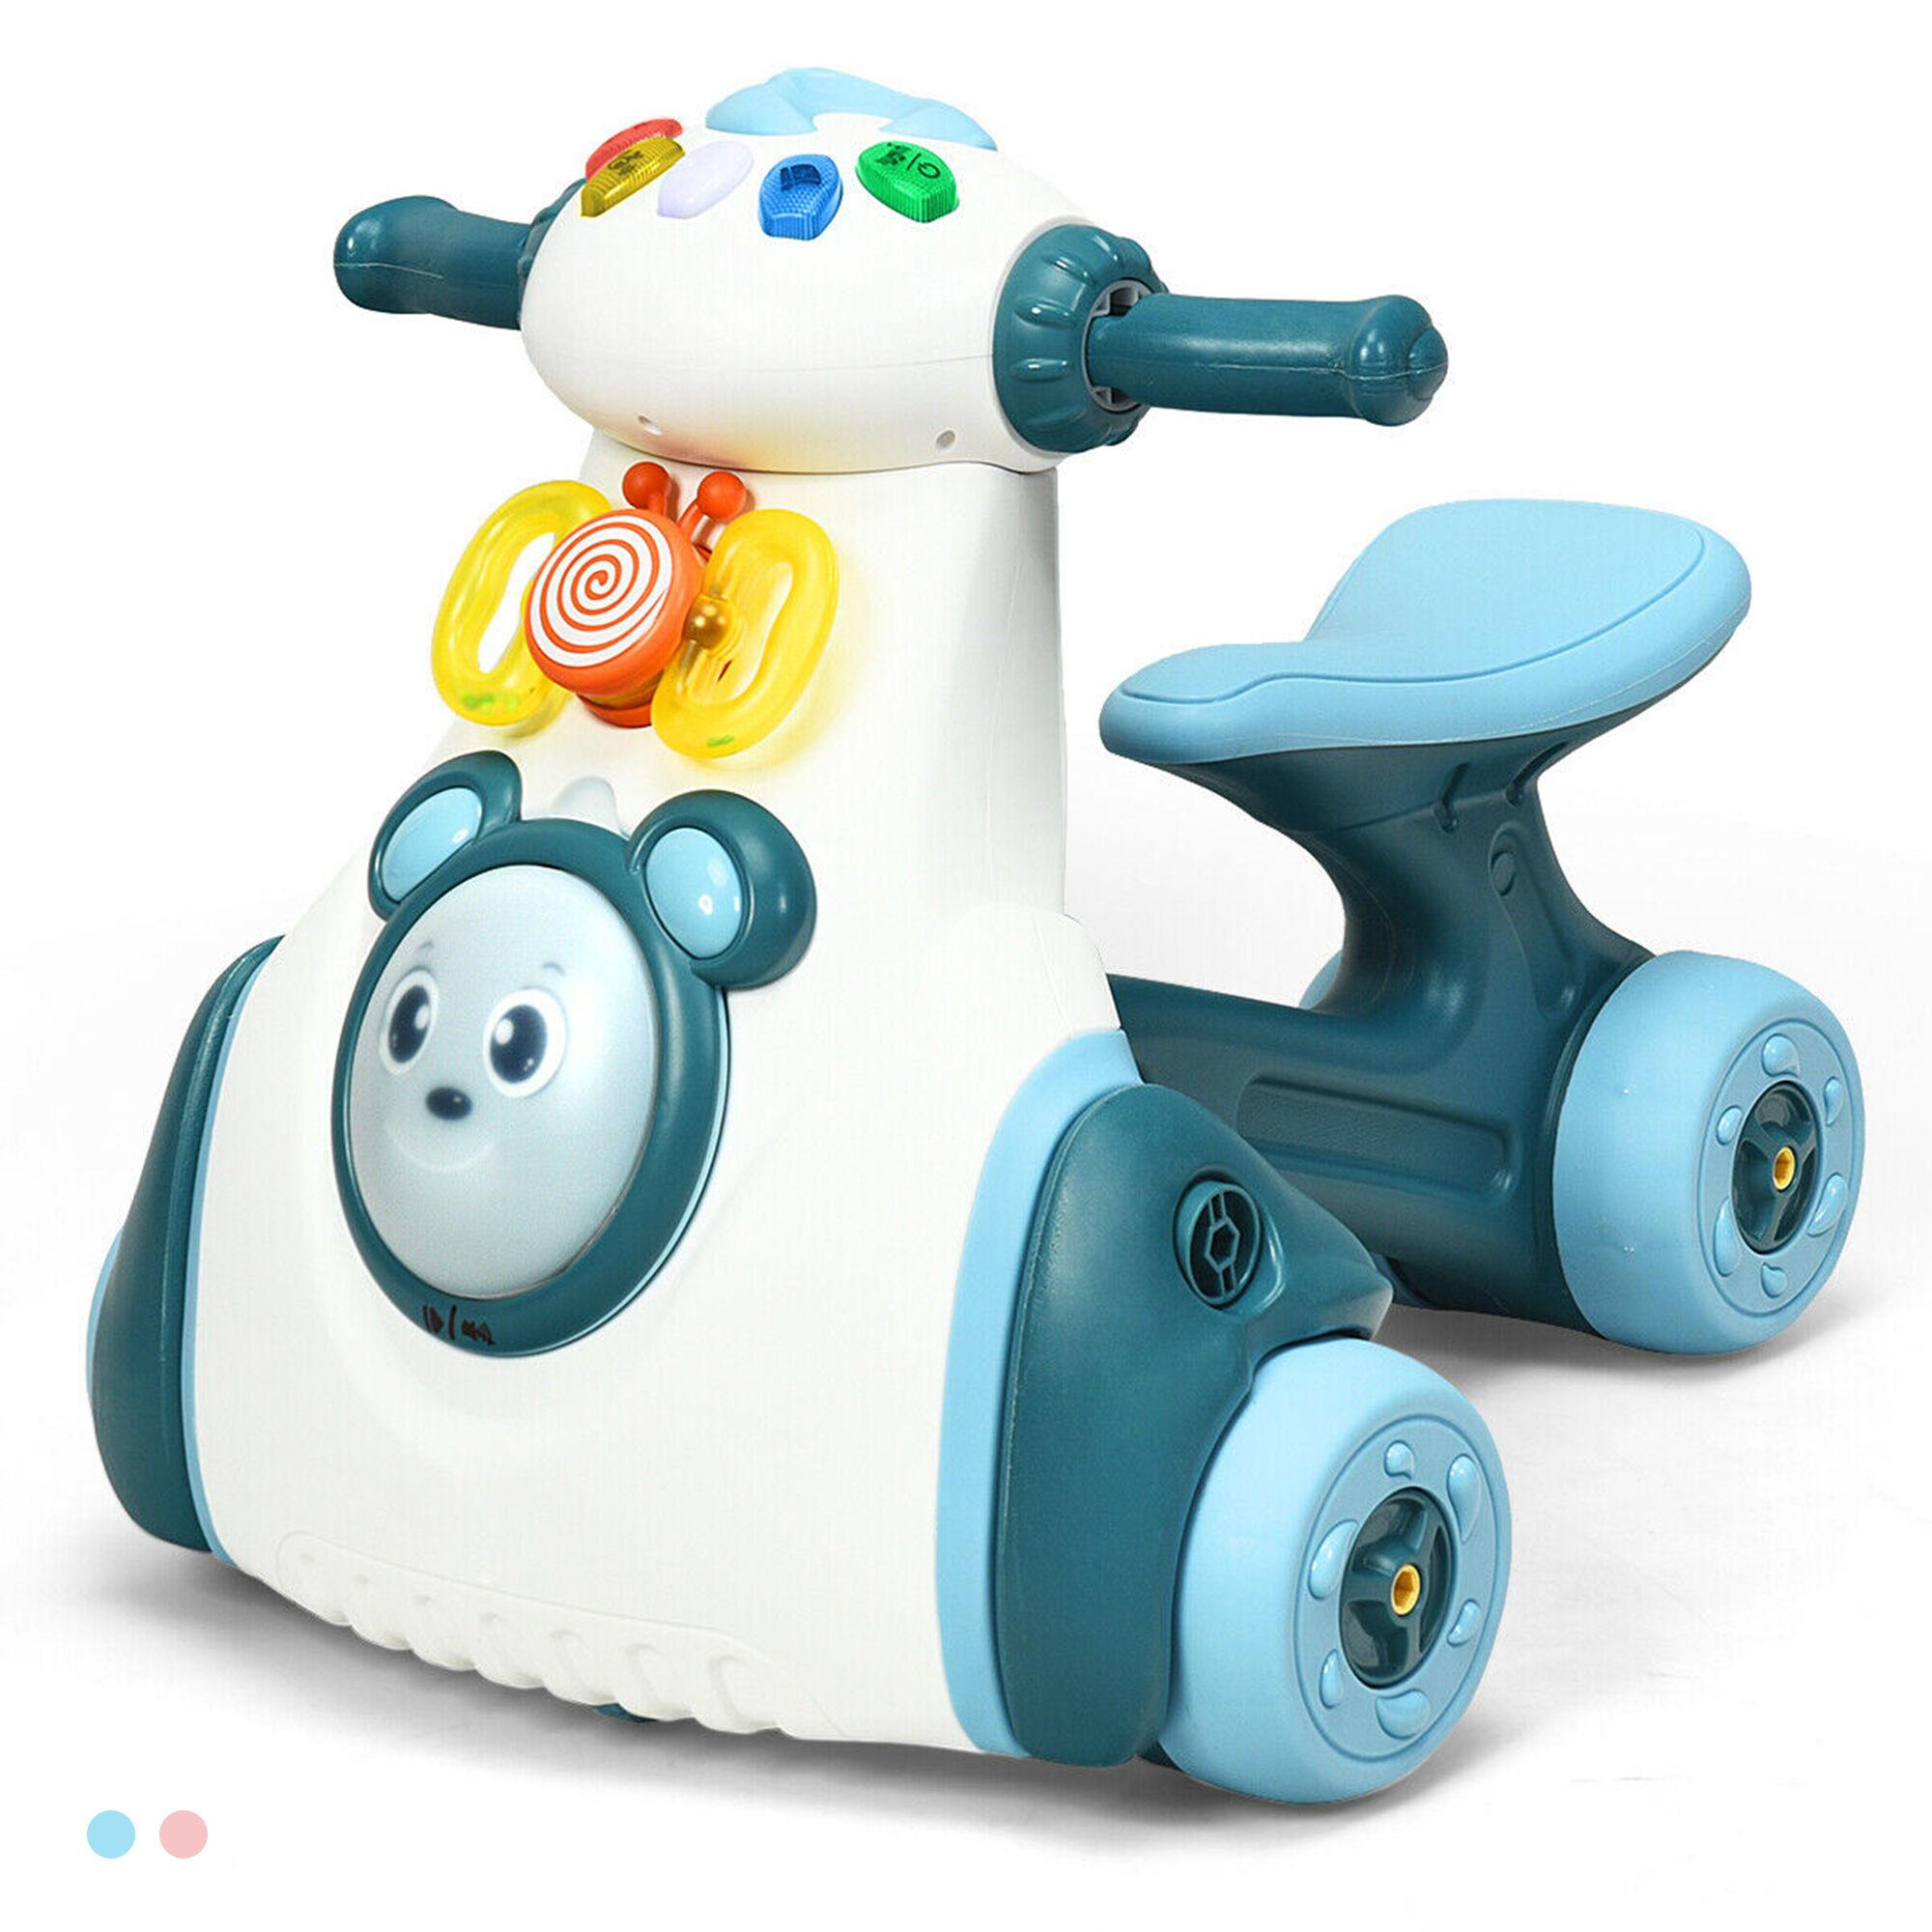 Gymax Baby Balance Bike Musical Ride Toy w/ Sensing Function & Light Toddler Walker